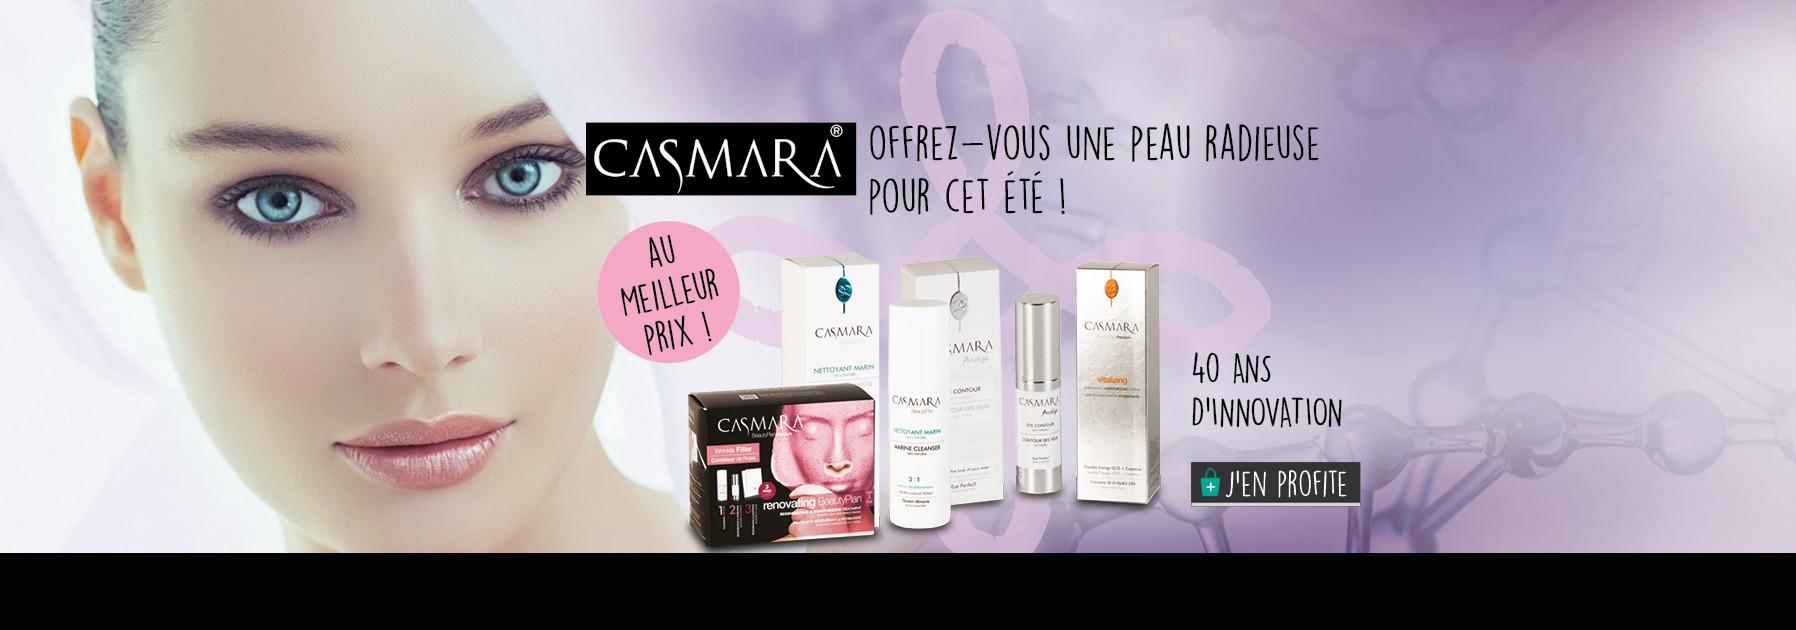 Les produits Casmara, une haute technologie à prix accessibles sur Pomarosa